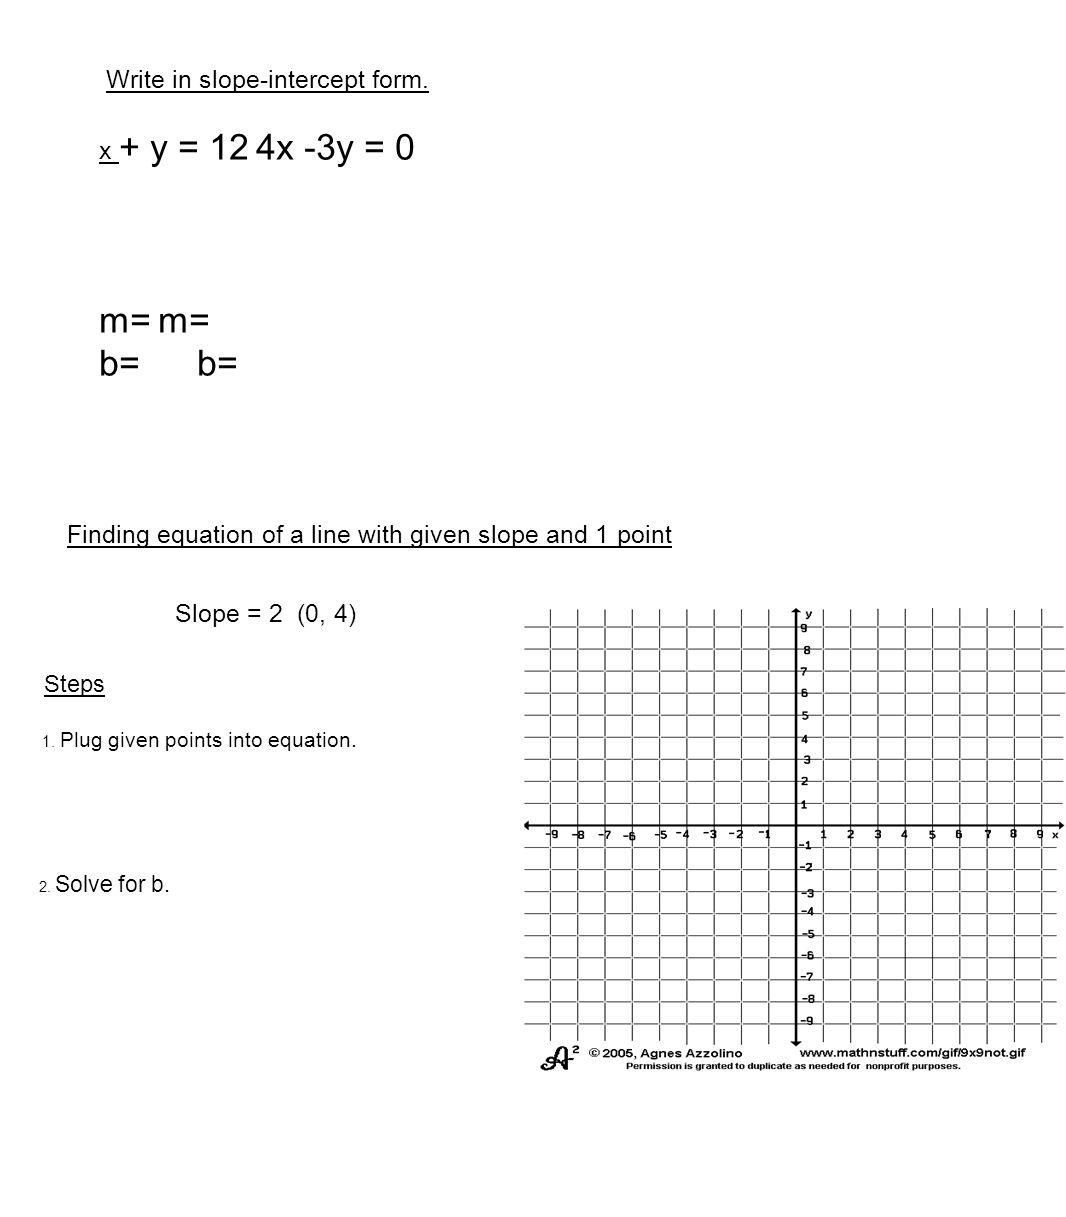 m= m= b= b= Write in slope-intercept form. x + y = 12 4x -3y = 0